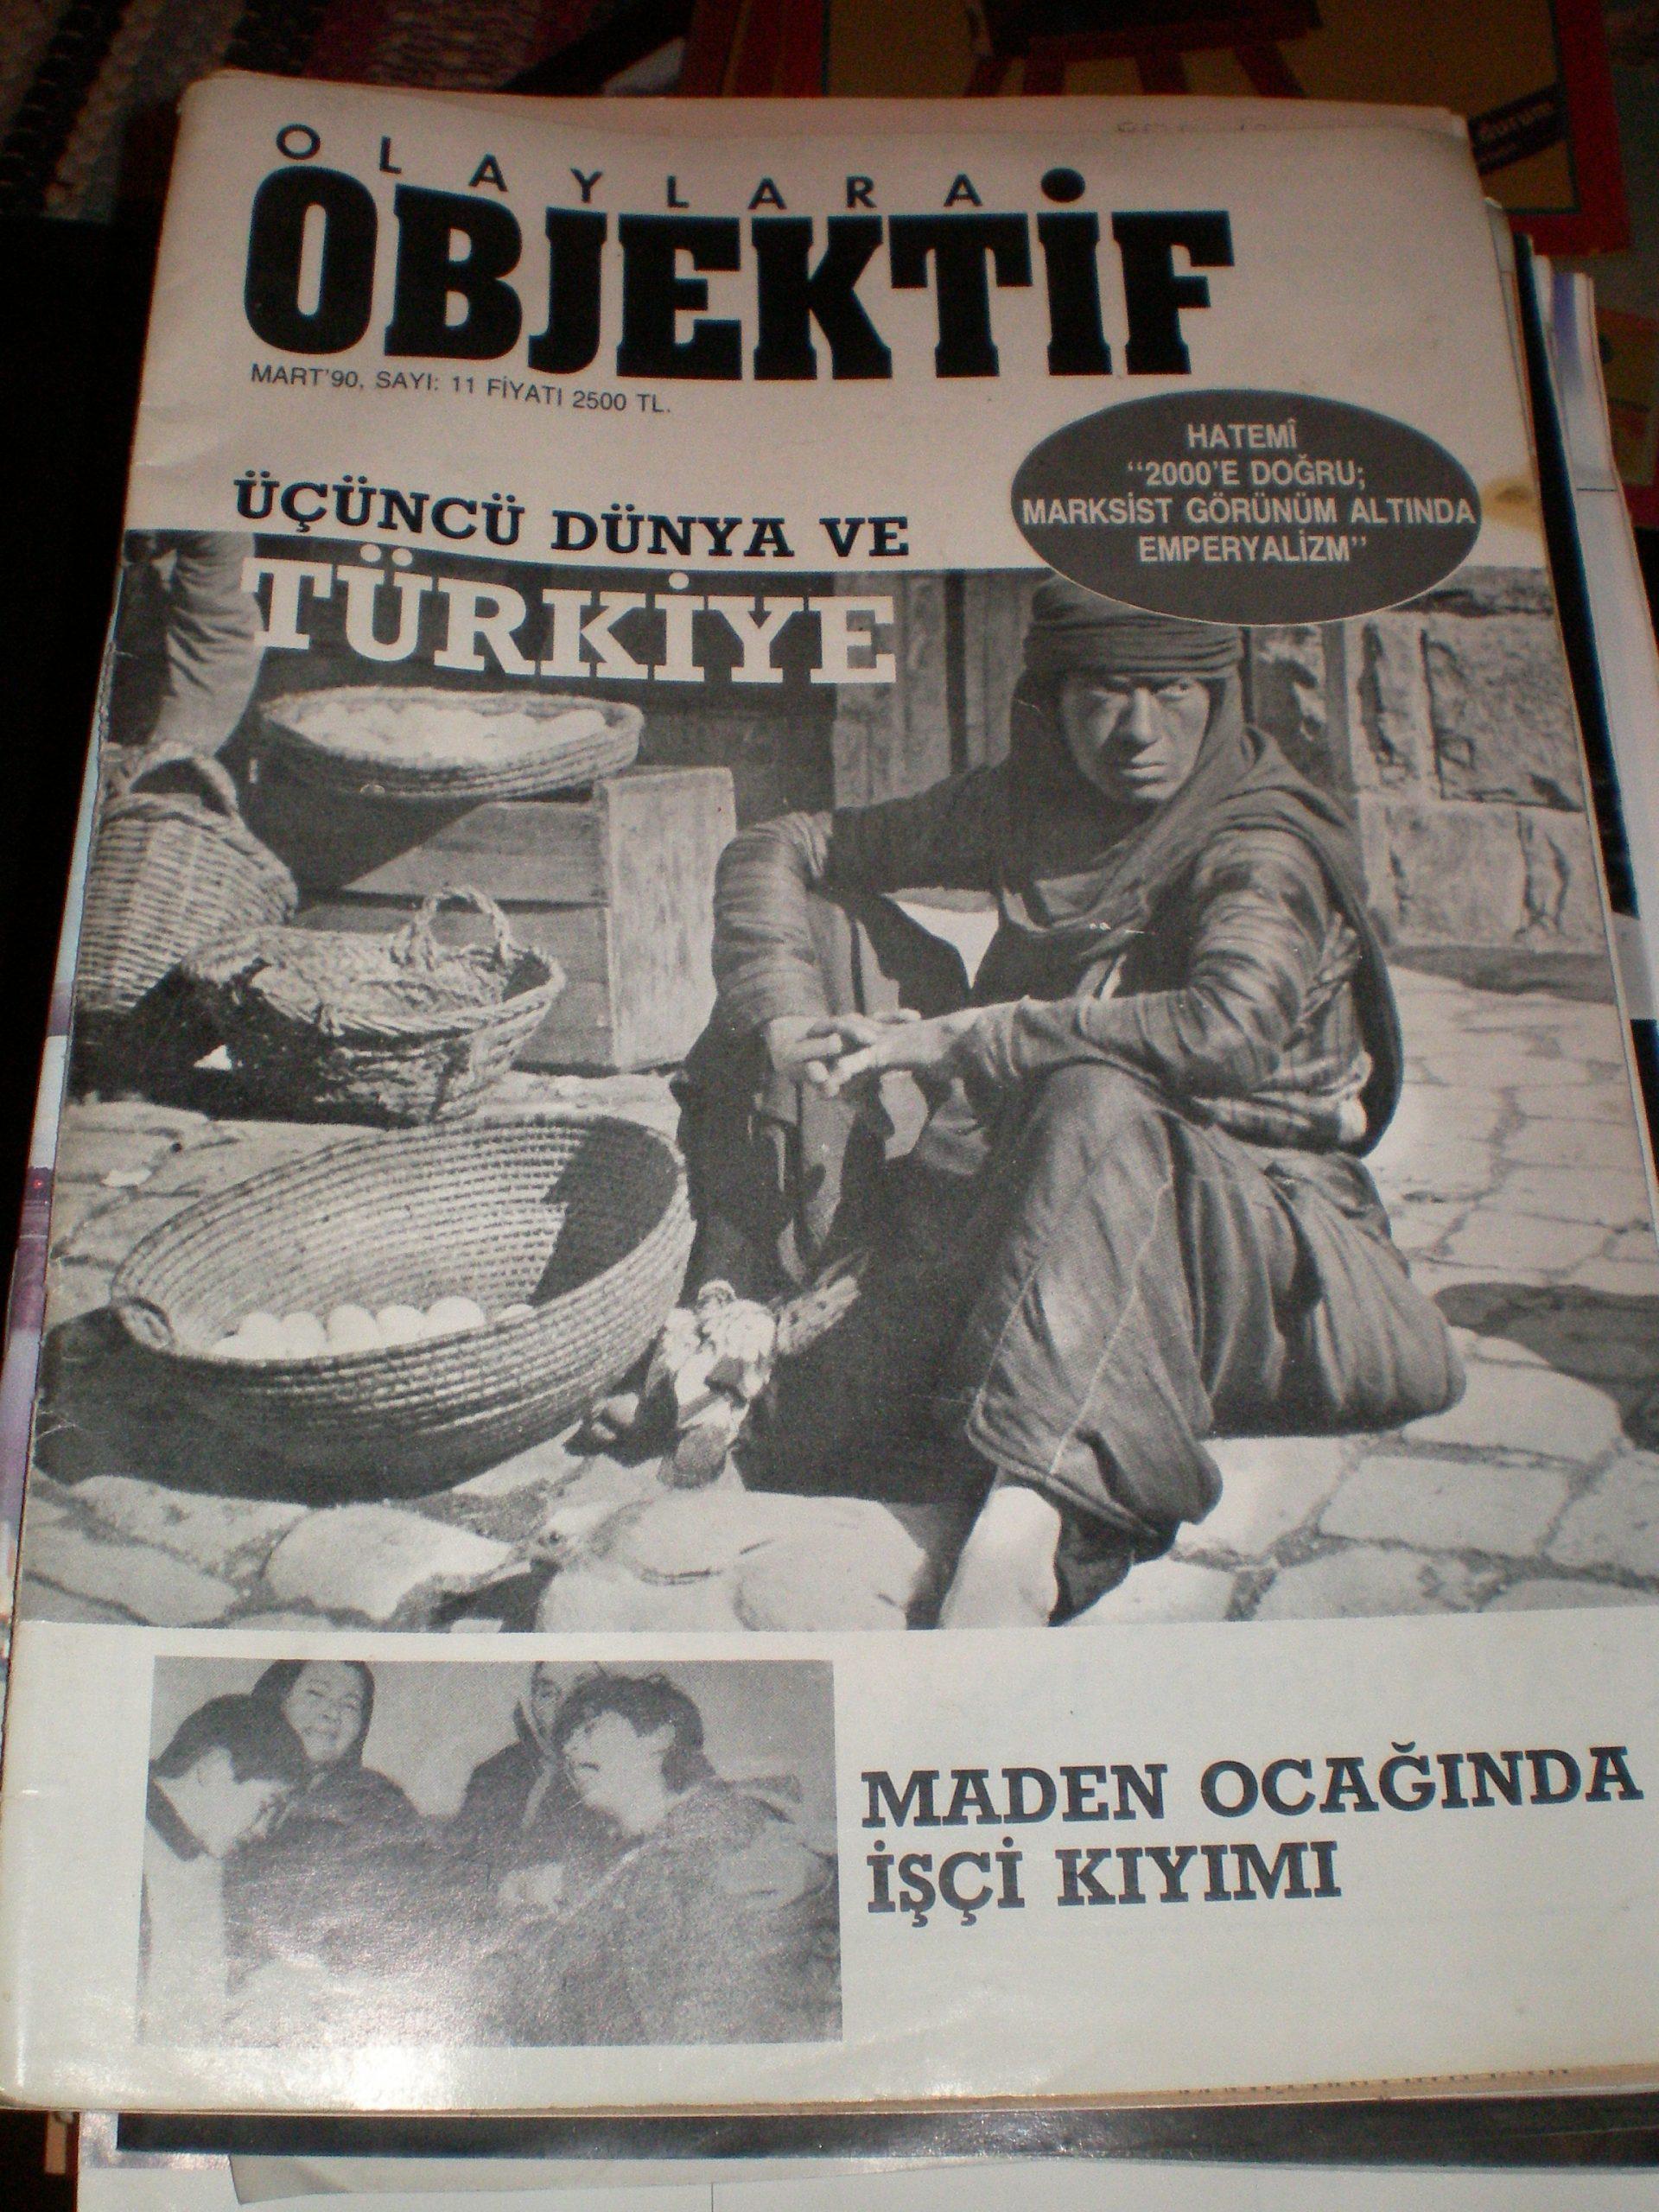 OBJEKTİF DERGİSİ-1990/ 2 adet/ 10tl